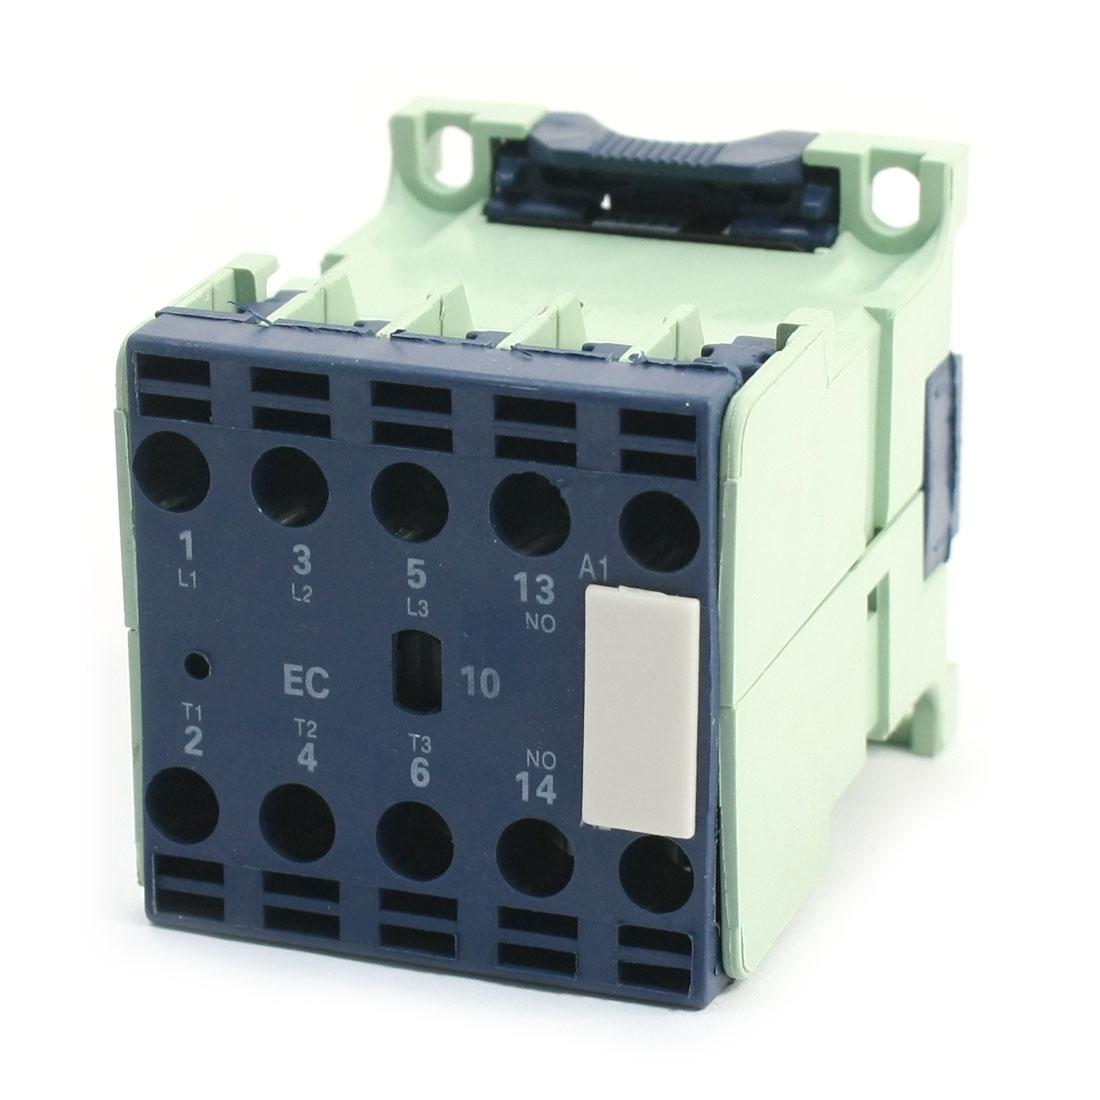 110V Coil Motor Controler Miniature AC Contactor 3 Pole 1NO CJX2-1210E